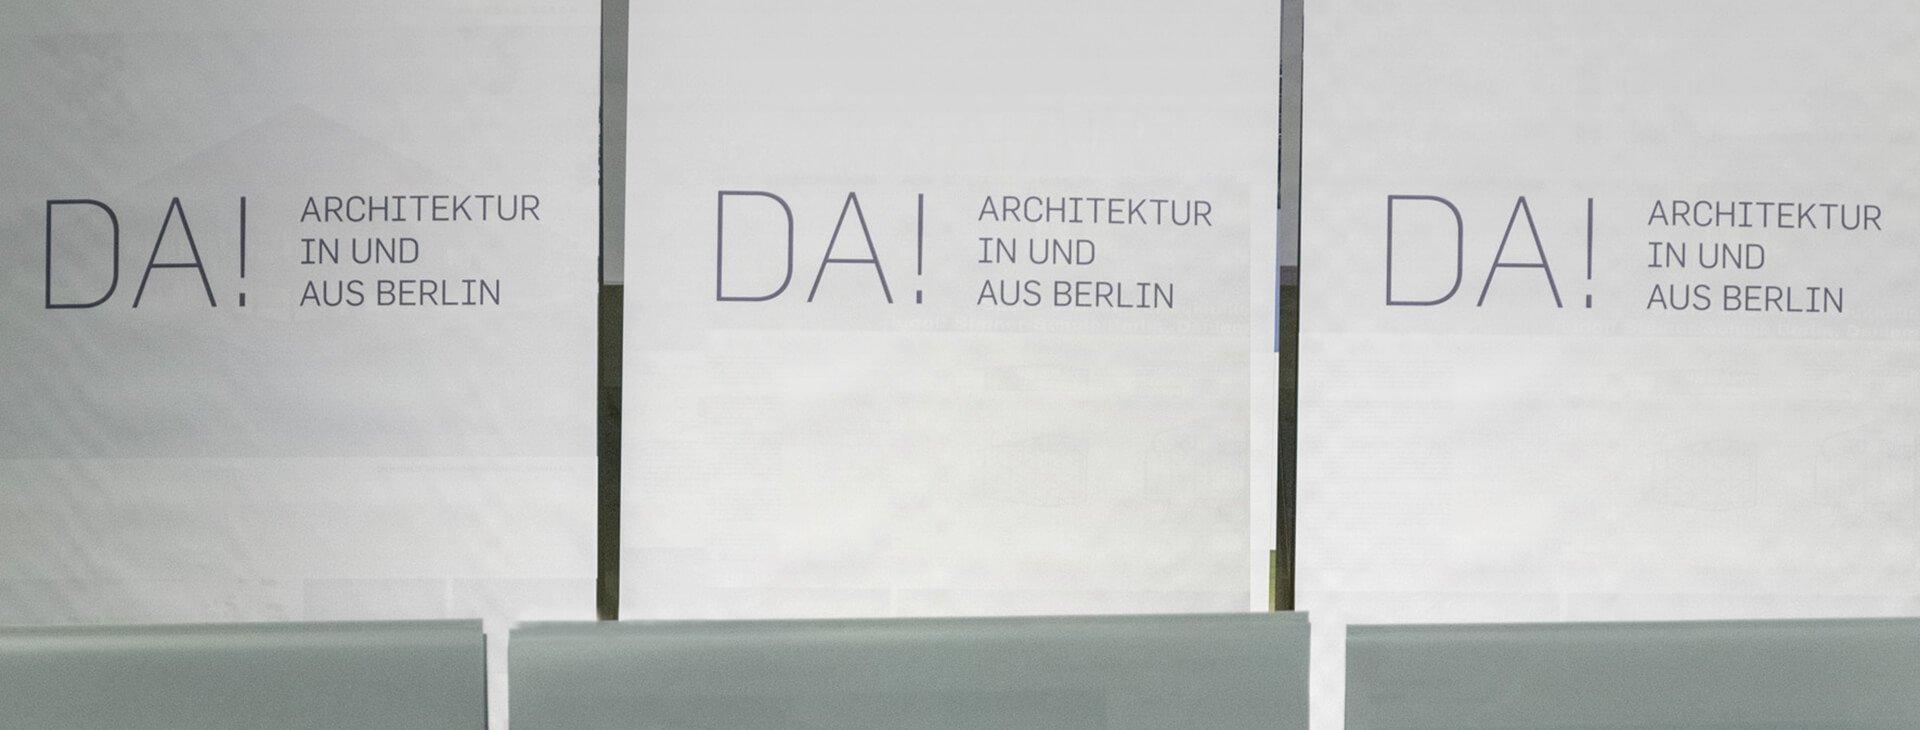 stilwerk_berlin_da_architektur_stage_06